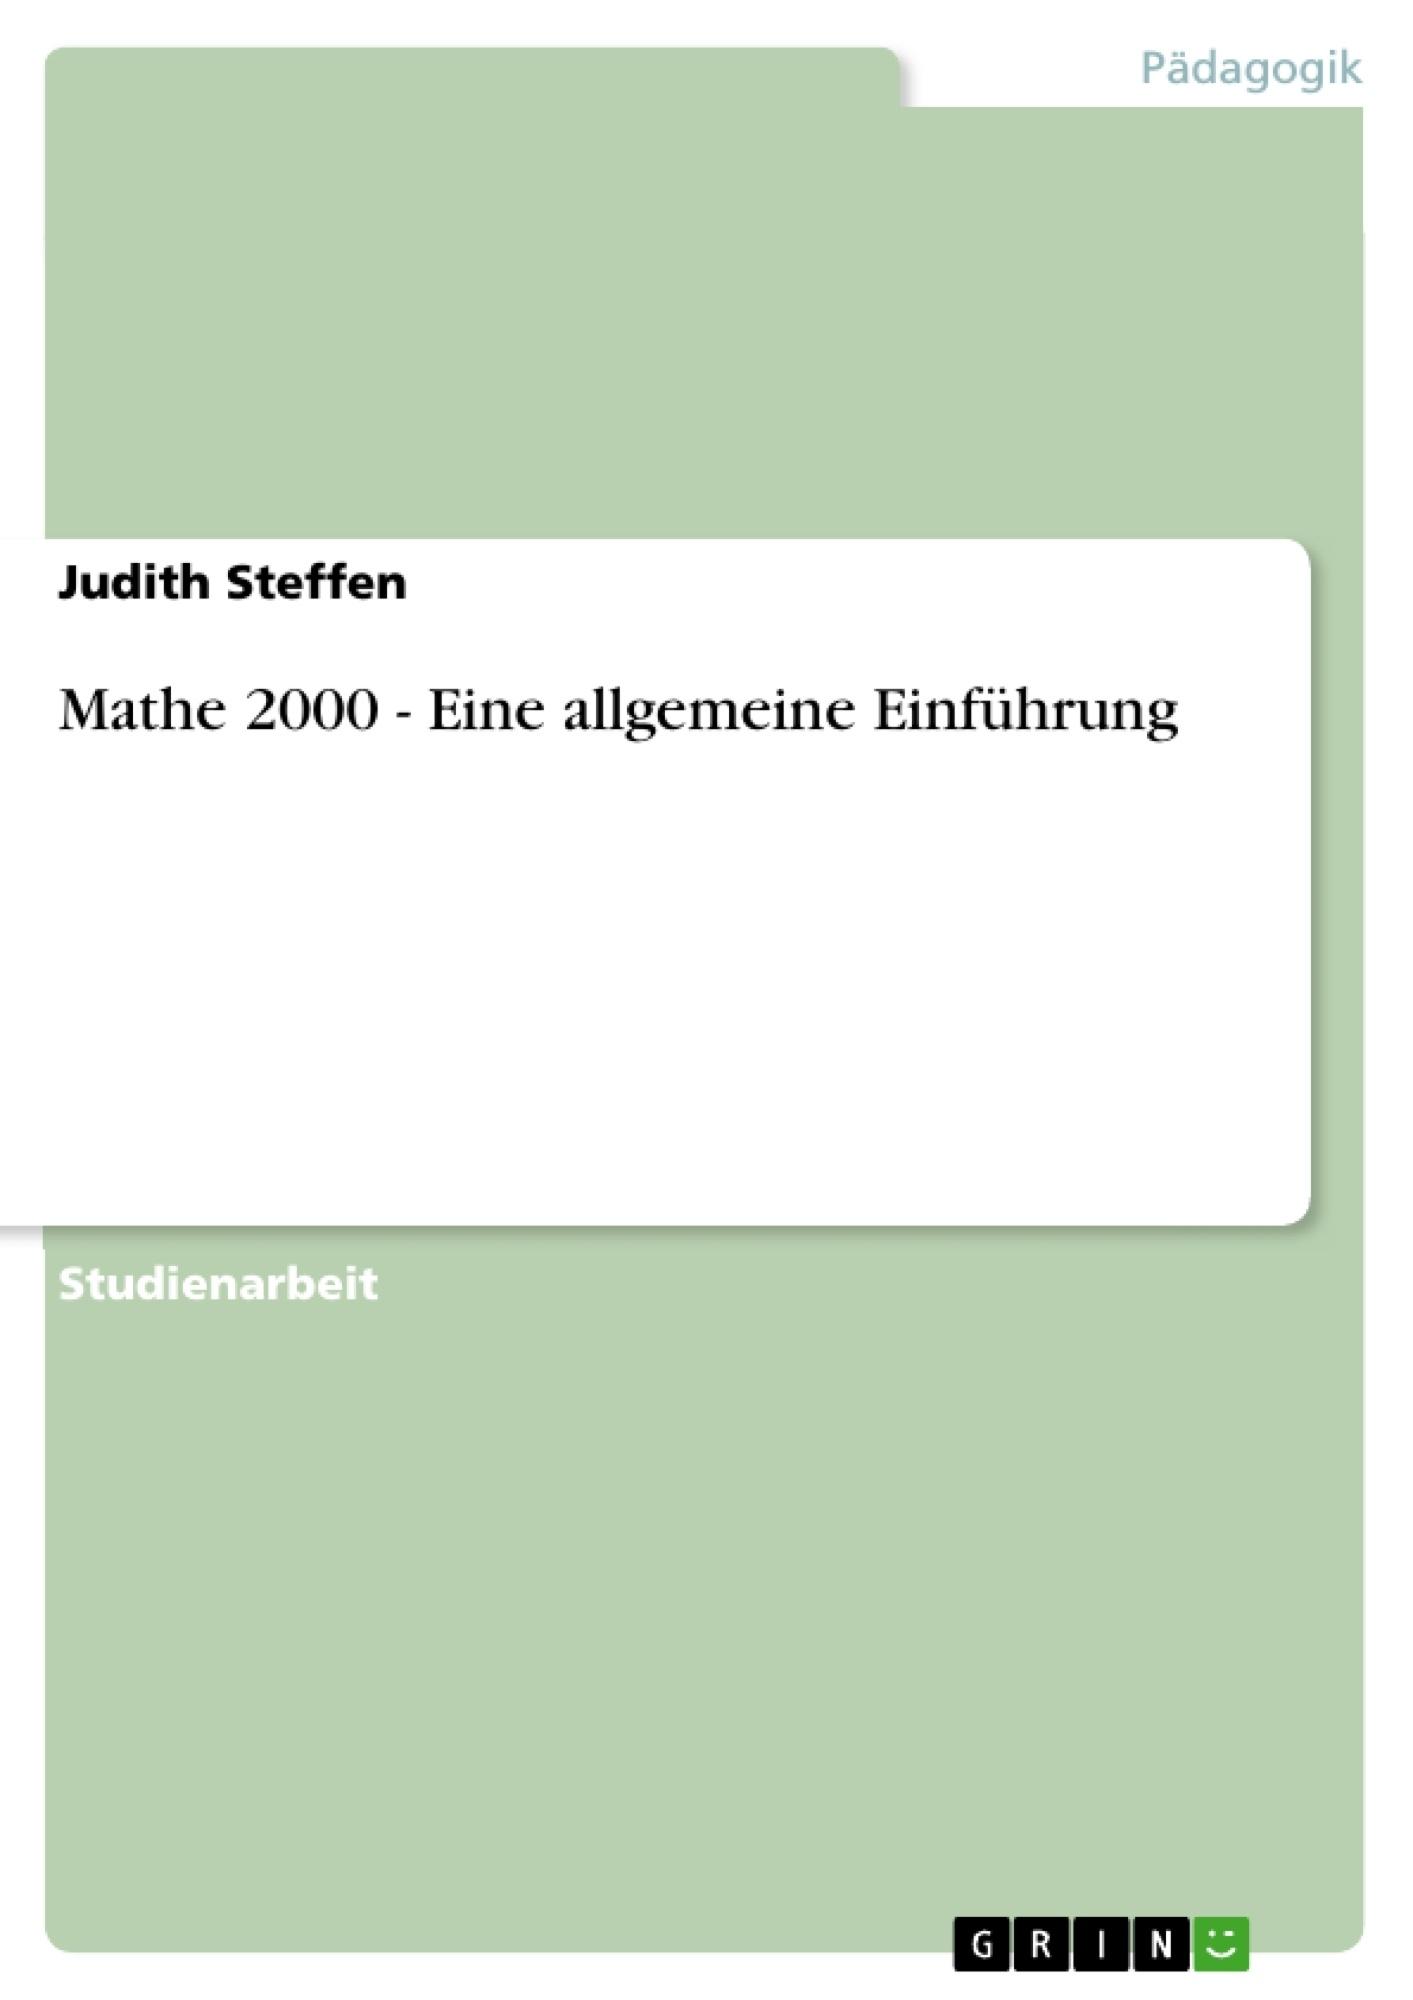 Titel: Mathe 2000 - Eine allgemeine Einführung